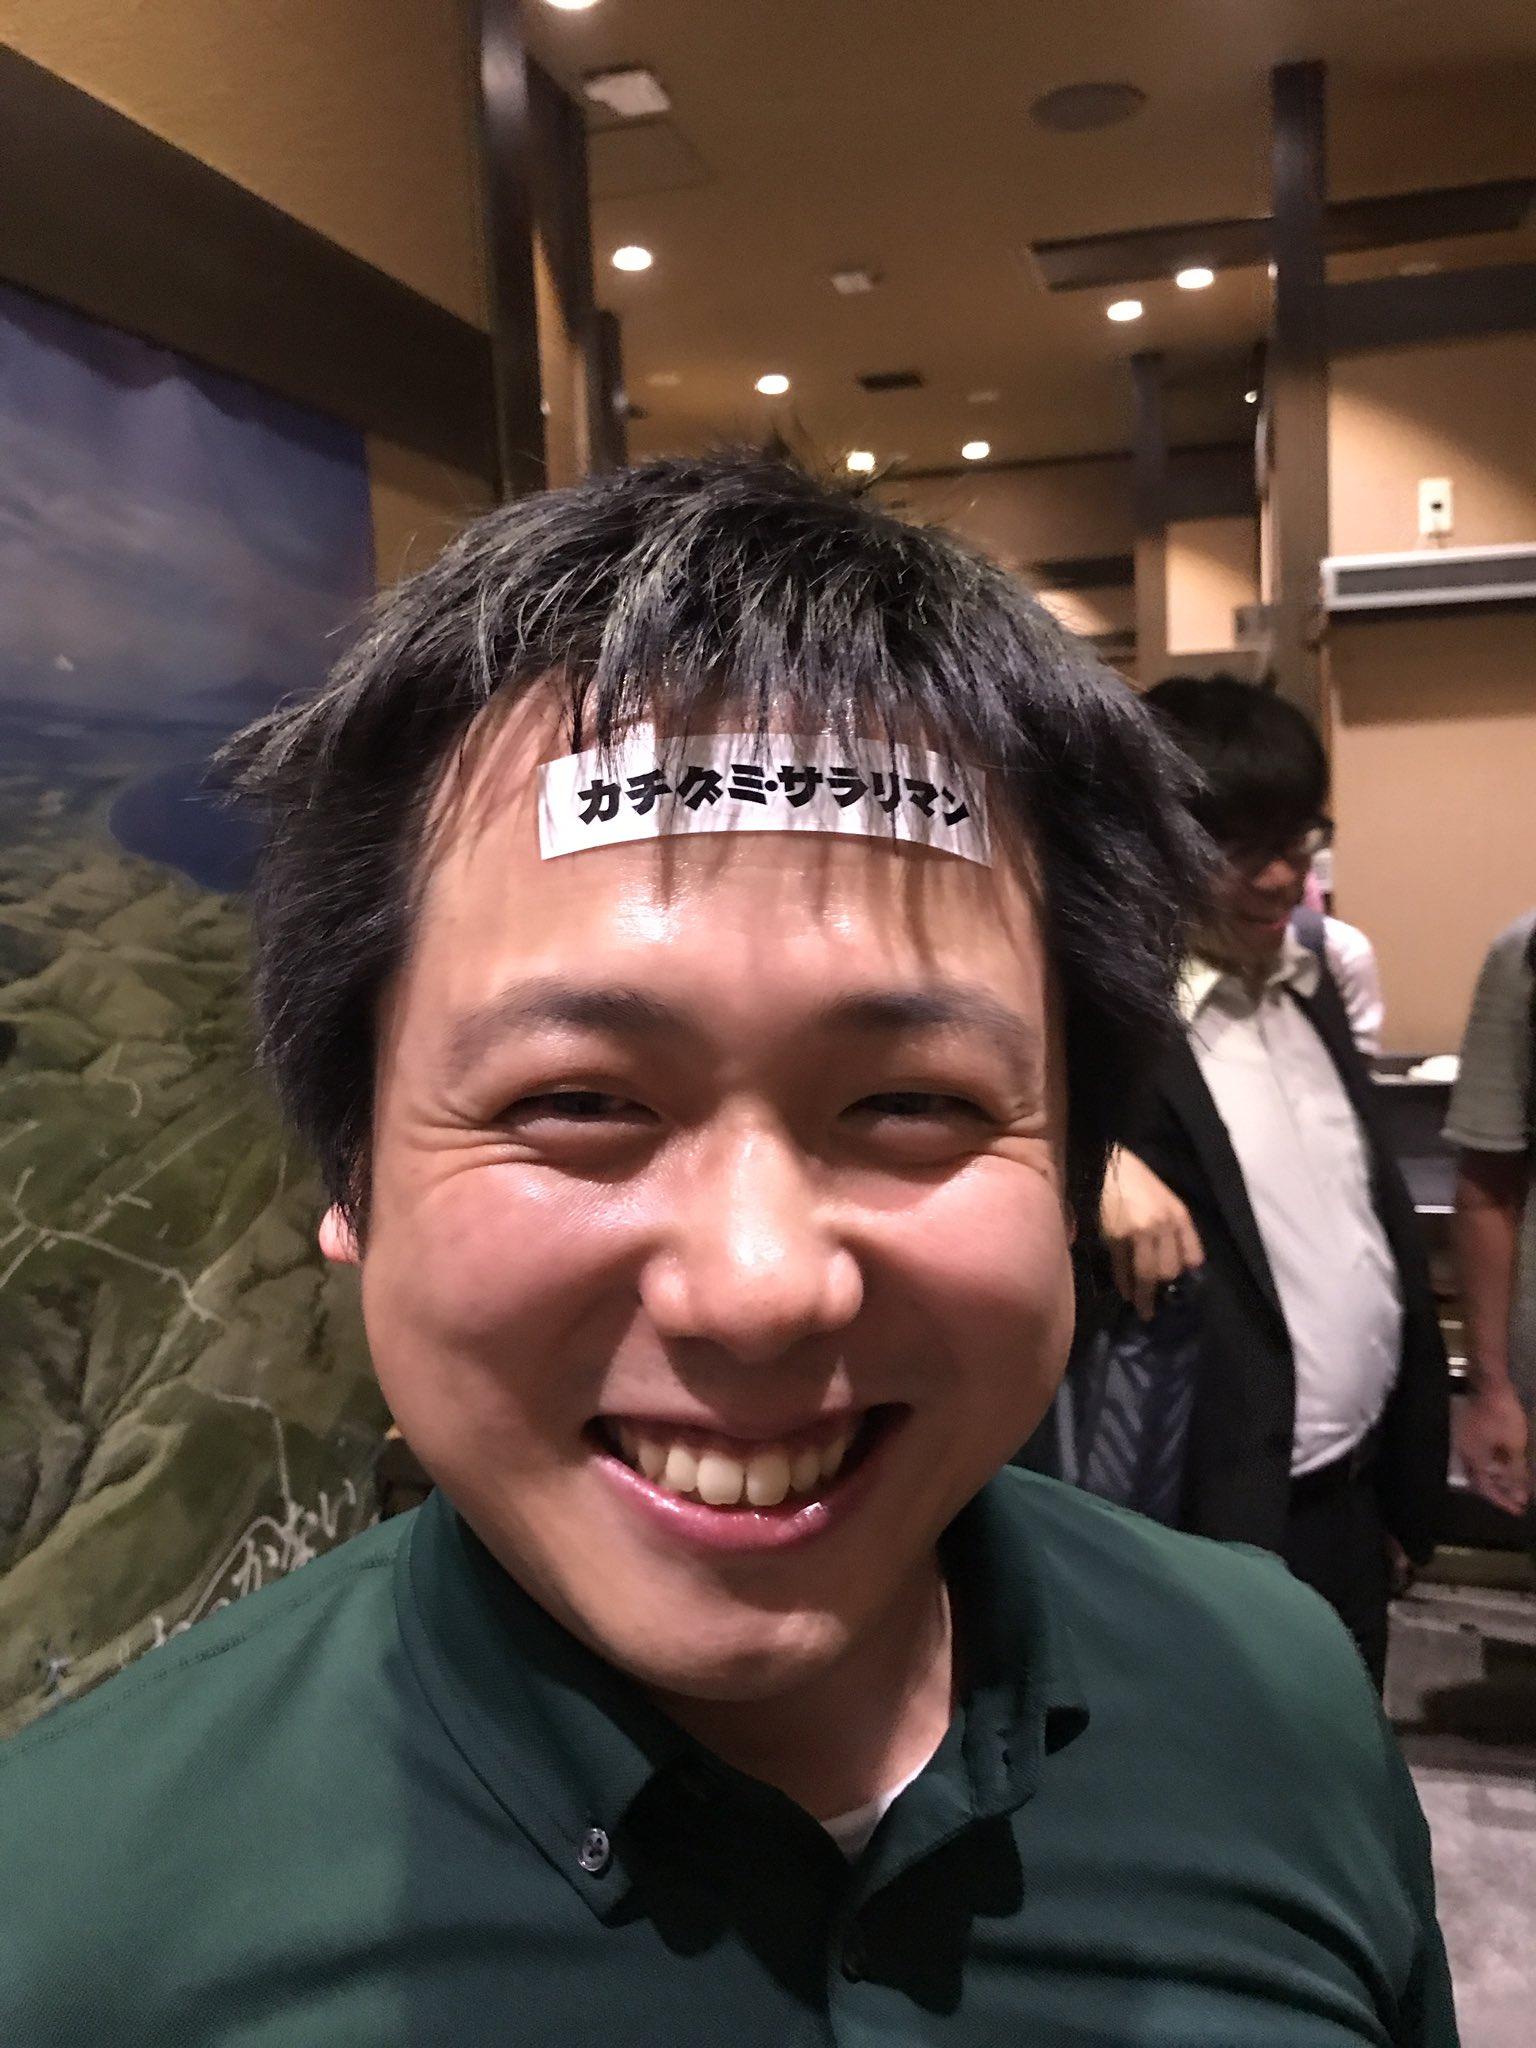 キャー、勝ち組サラリーマンの @shiumachi さんやー!! https://t.co/9daoilW1QT